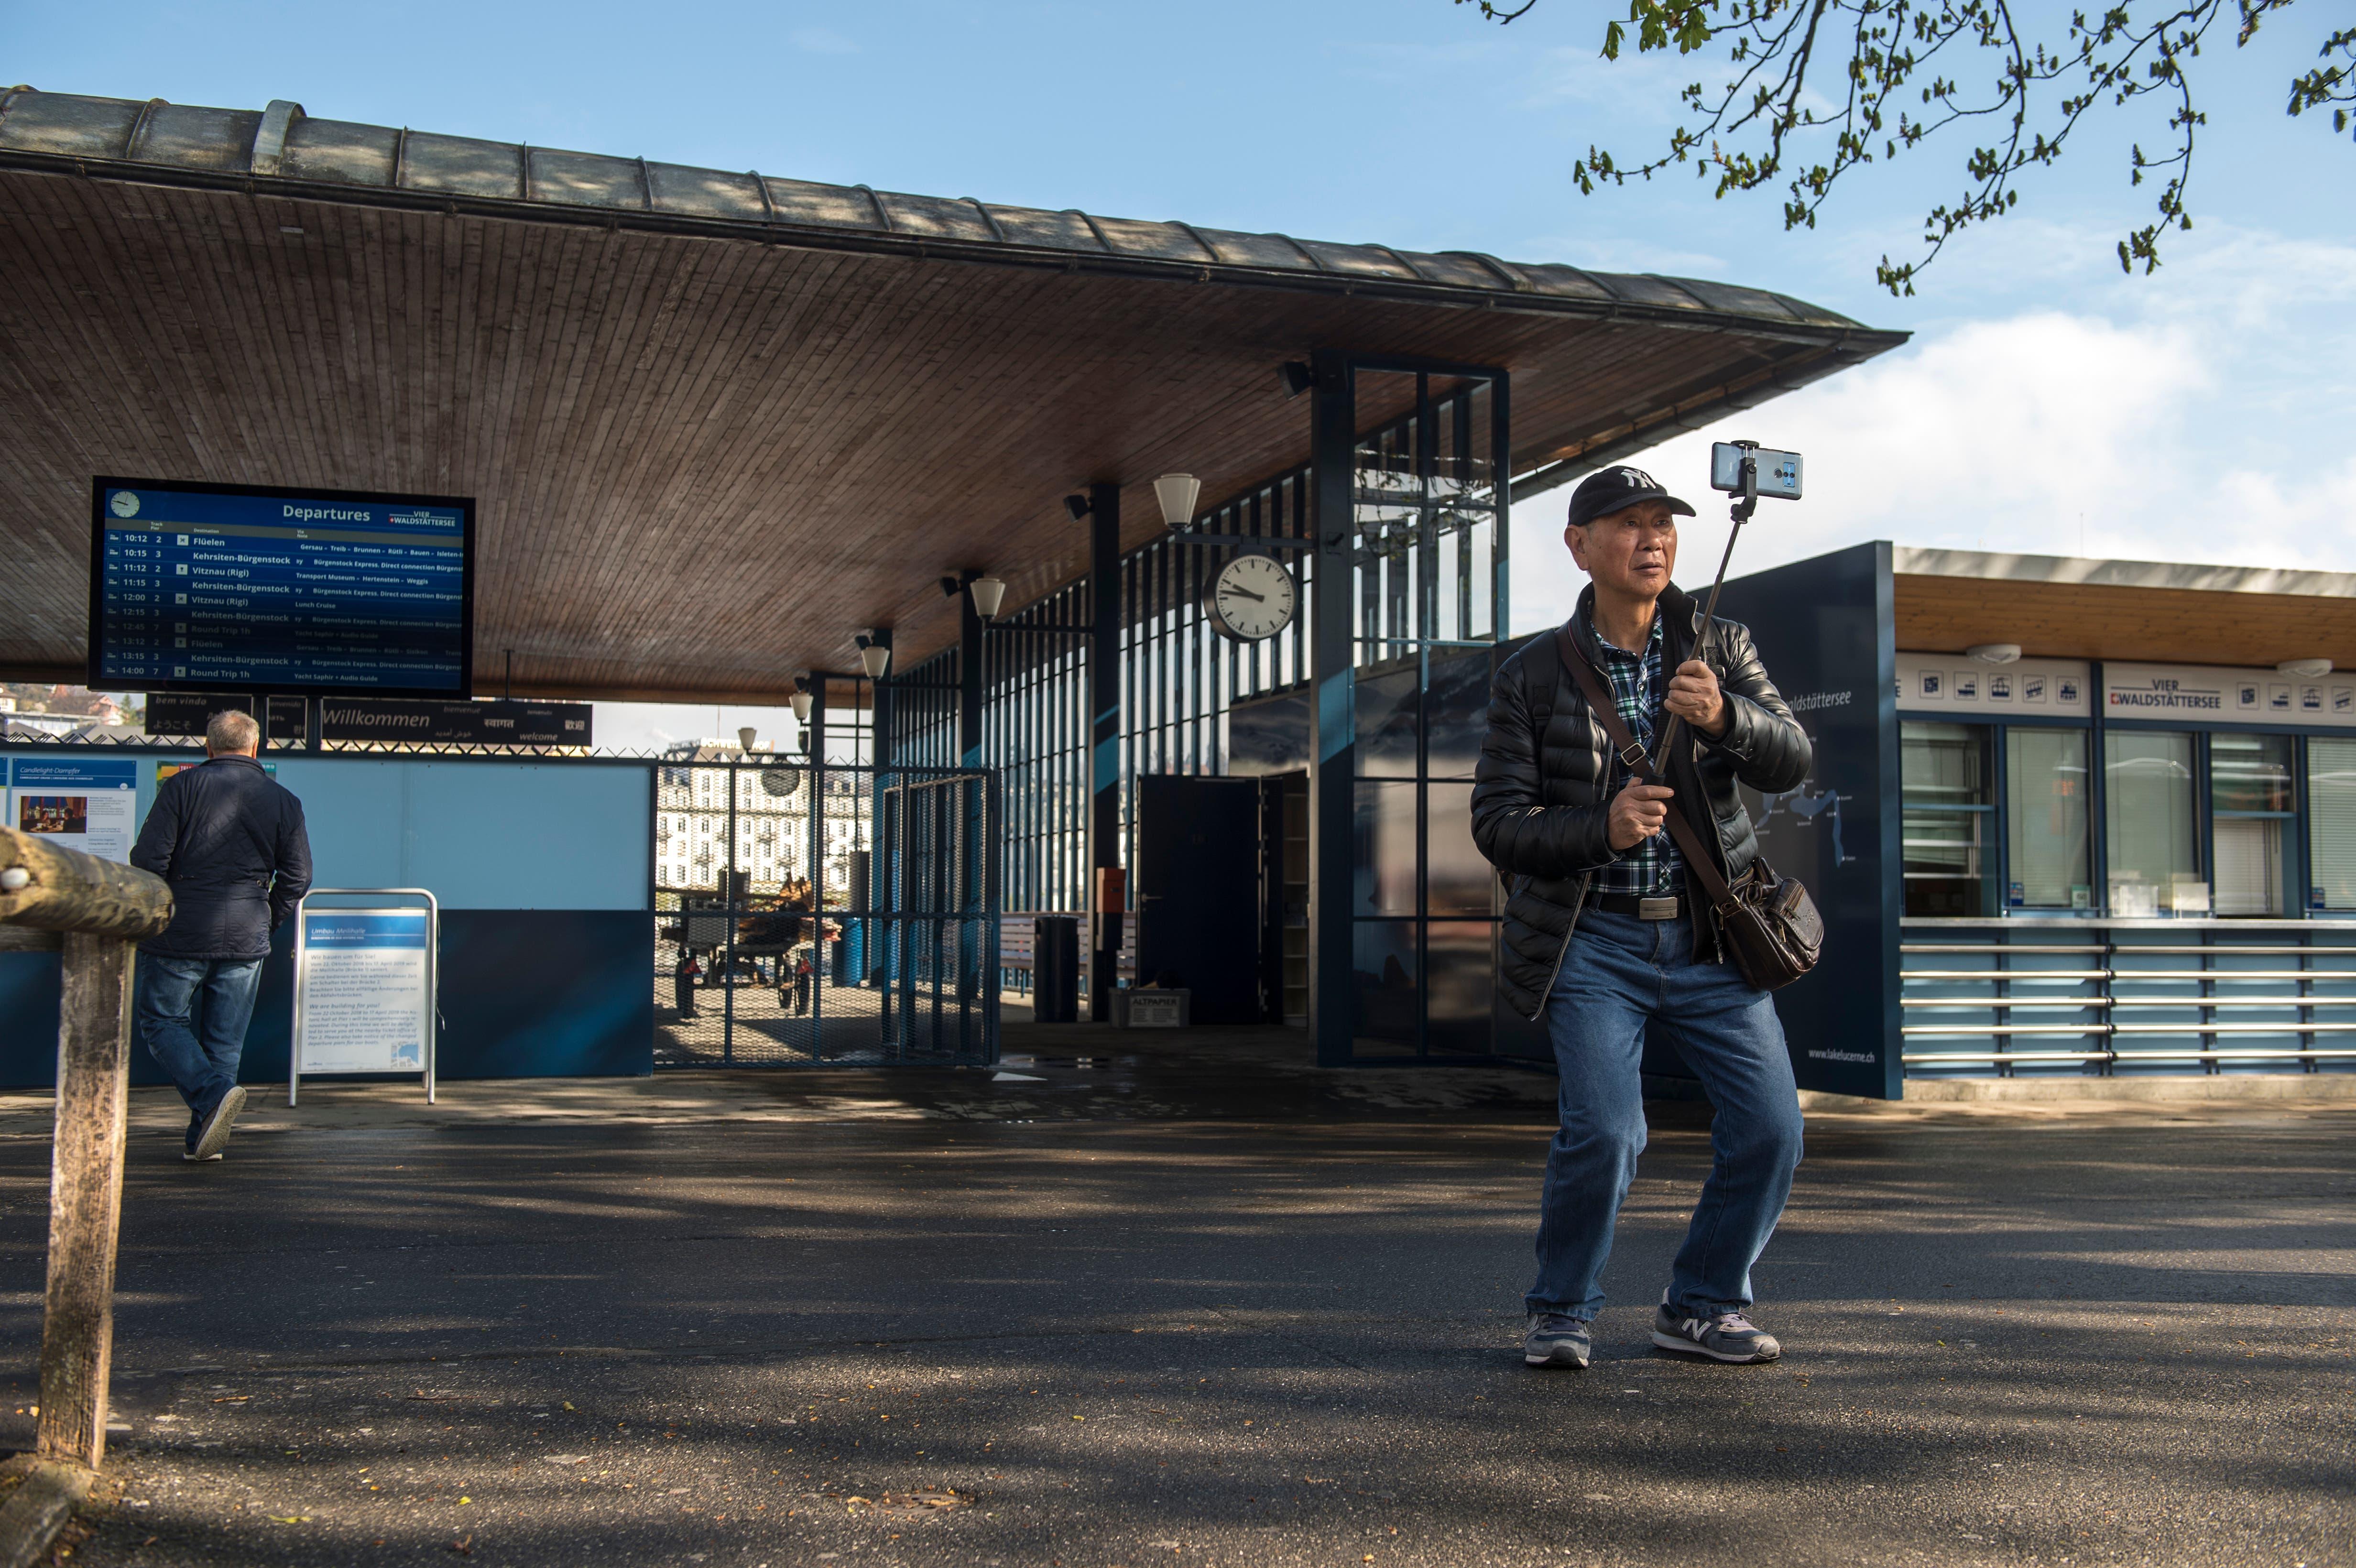 Die SGV Landungsbrücke wird nach einer umfassenden Sanierung für die Öffentlichkeit wieder zugänglich. Bereits machen die ersten Touristen ein Selfie vor dem Eingang. (Bild: Dominik Wunderli, 17. April 2019, Luzern)